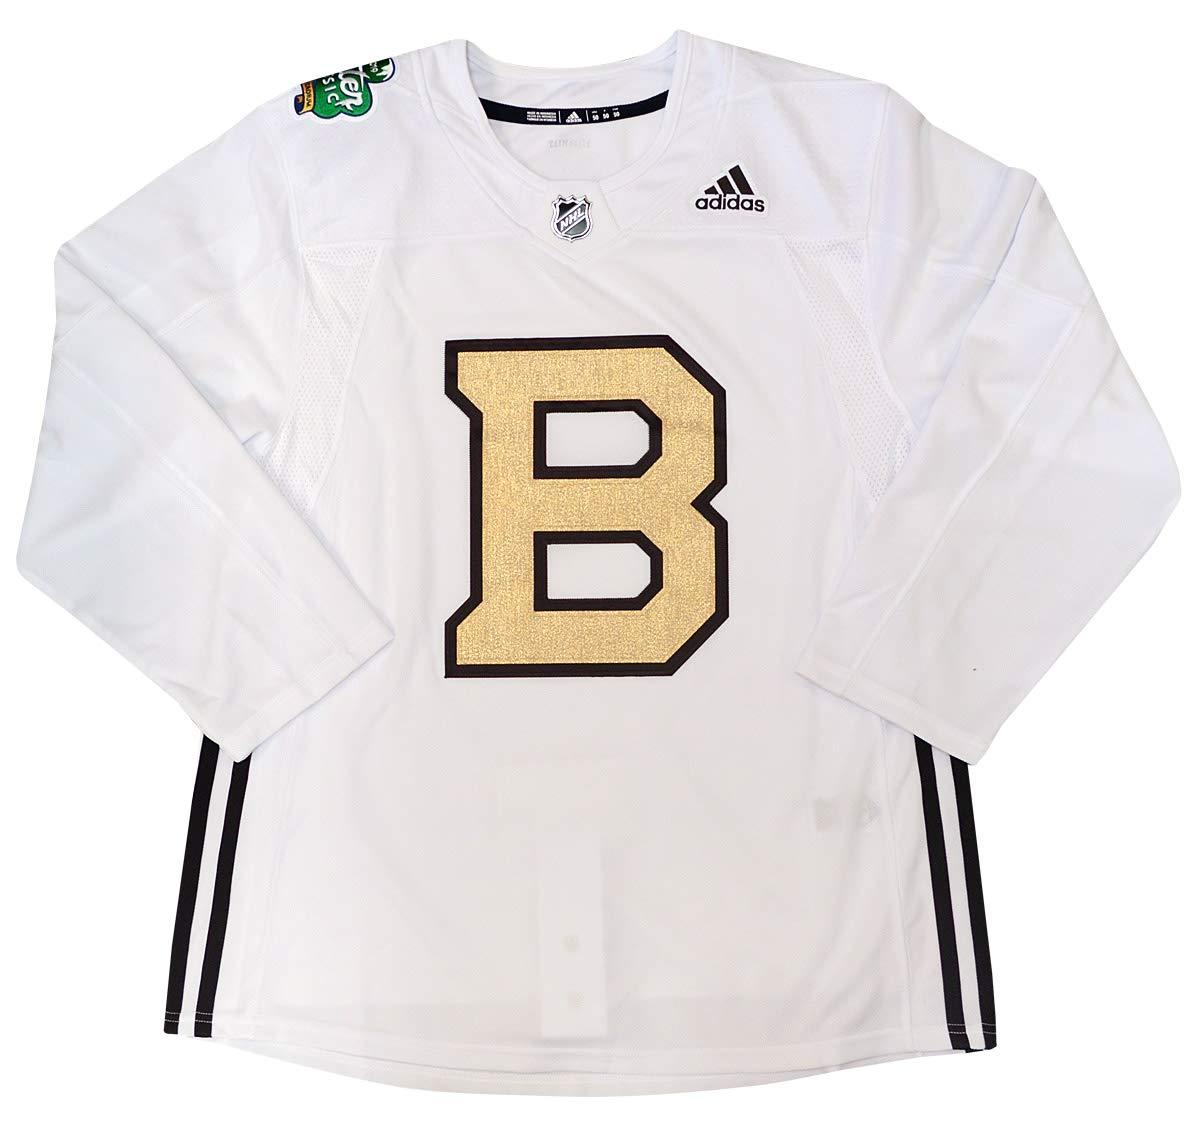 6998e99a3 Amazon.com : adidas Boston Bruins 2019 Winter Classic Practice ...